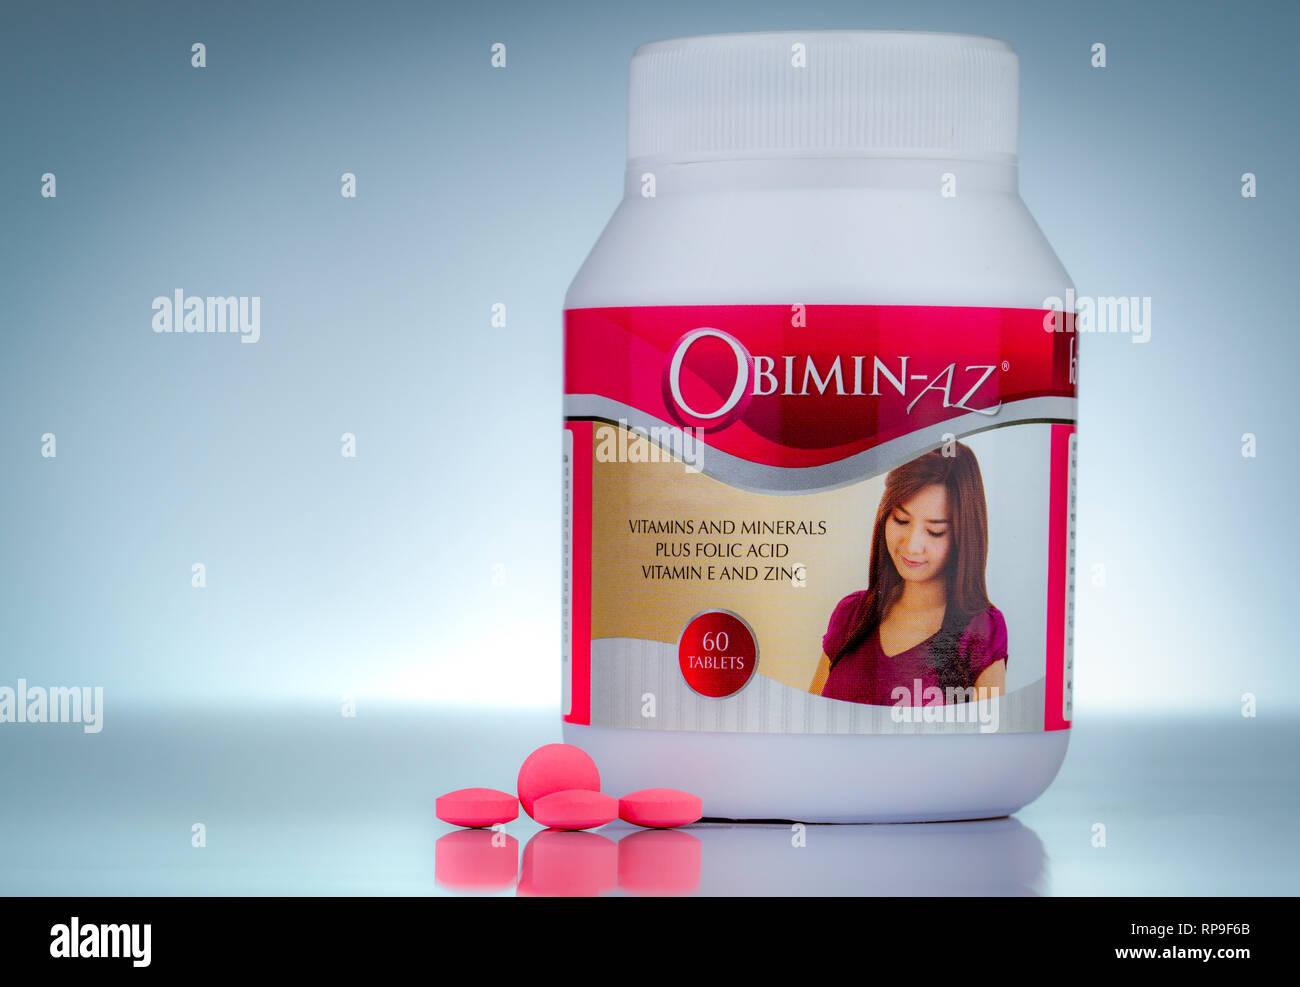 CHONBURI, THAÏLANDE-Octobre 27, 2018: Obimin-AZ. Vitamines et minéraux et l'acide folique vitamine E et le zinc de la bouteille sur fond dégradé. Pink Photo Stock